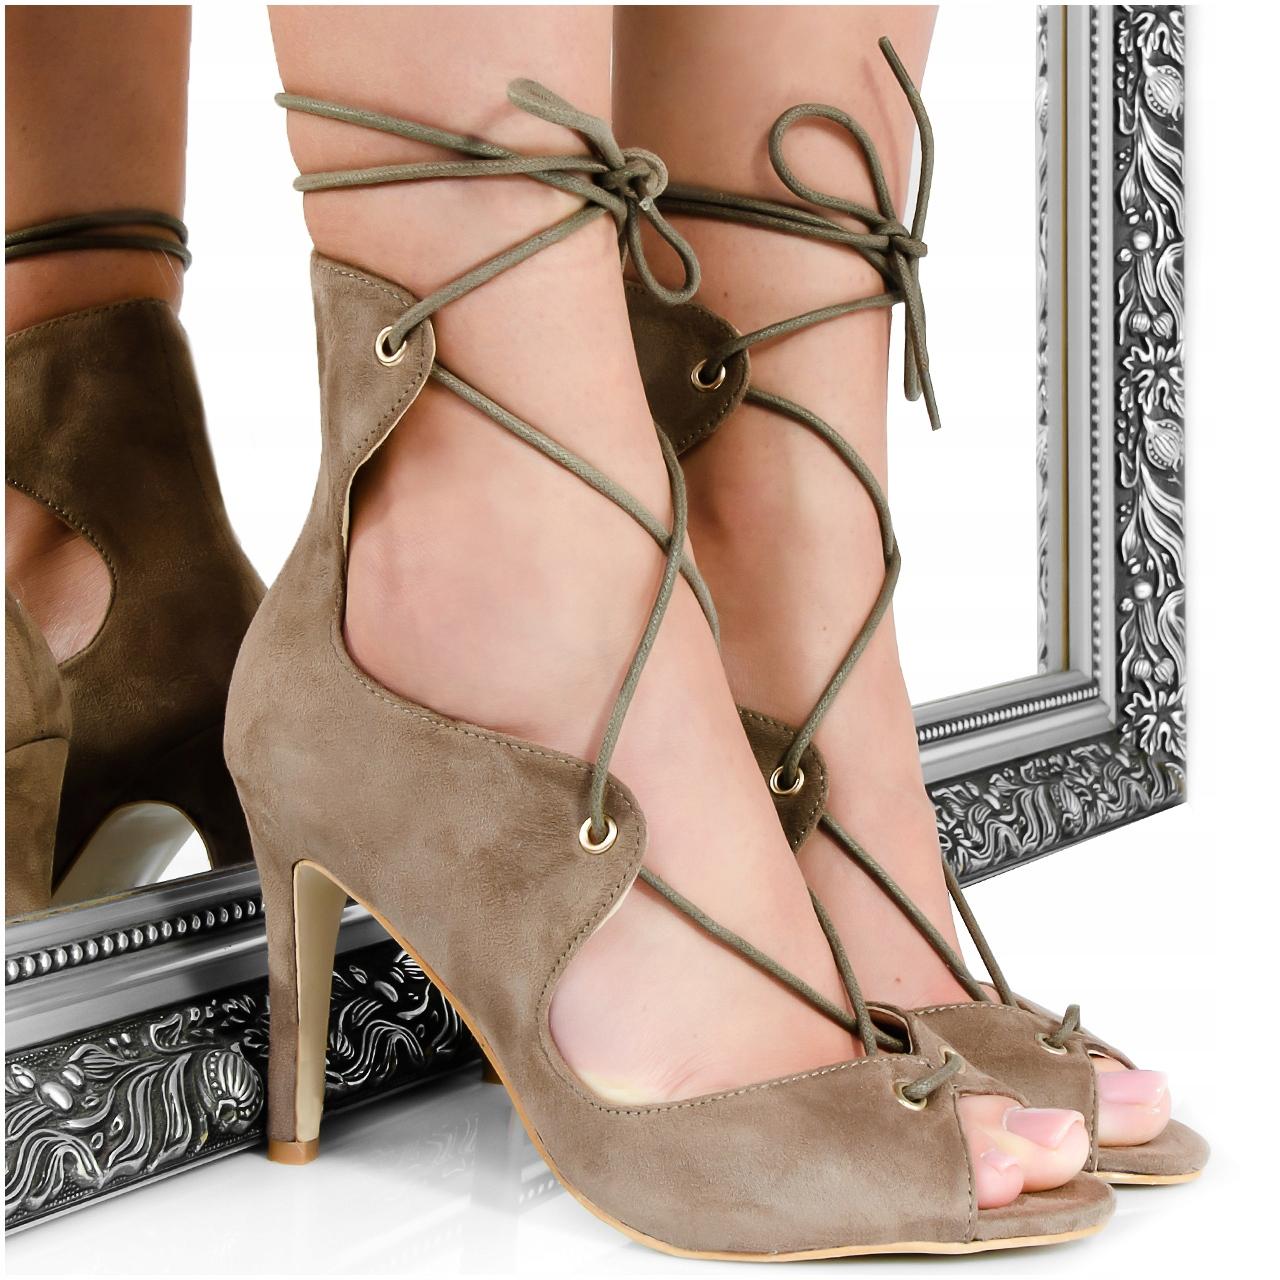 Brązowe Sandały - Wiązane Szpilki - Peep Toe 40